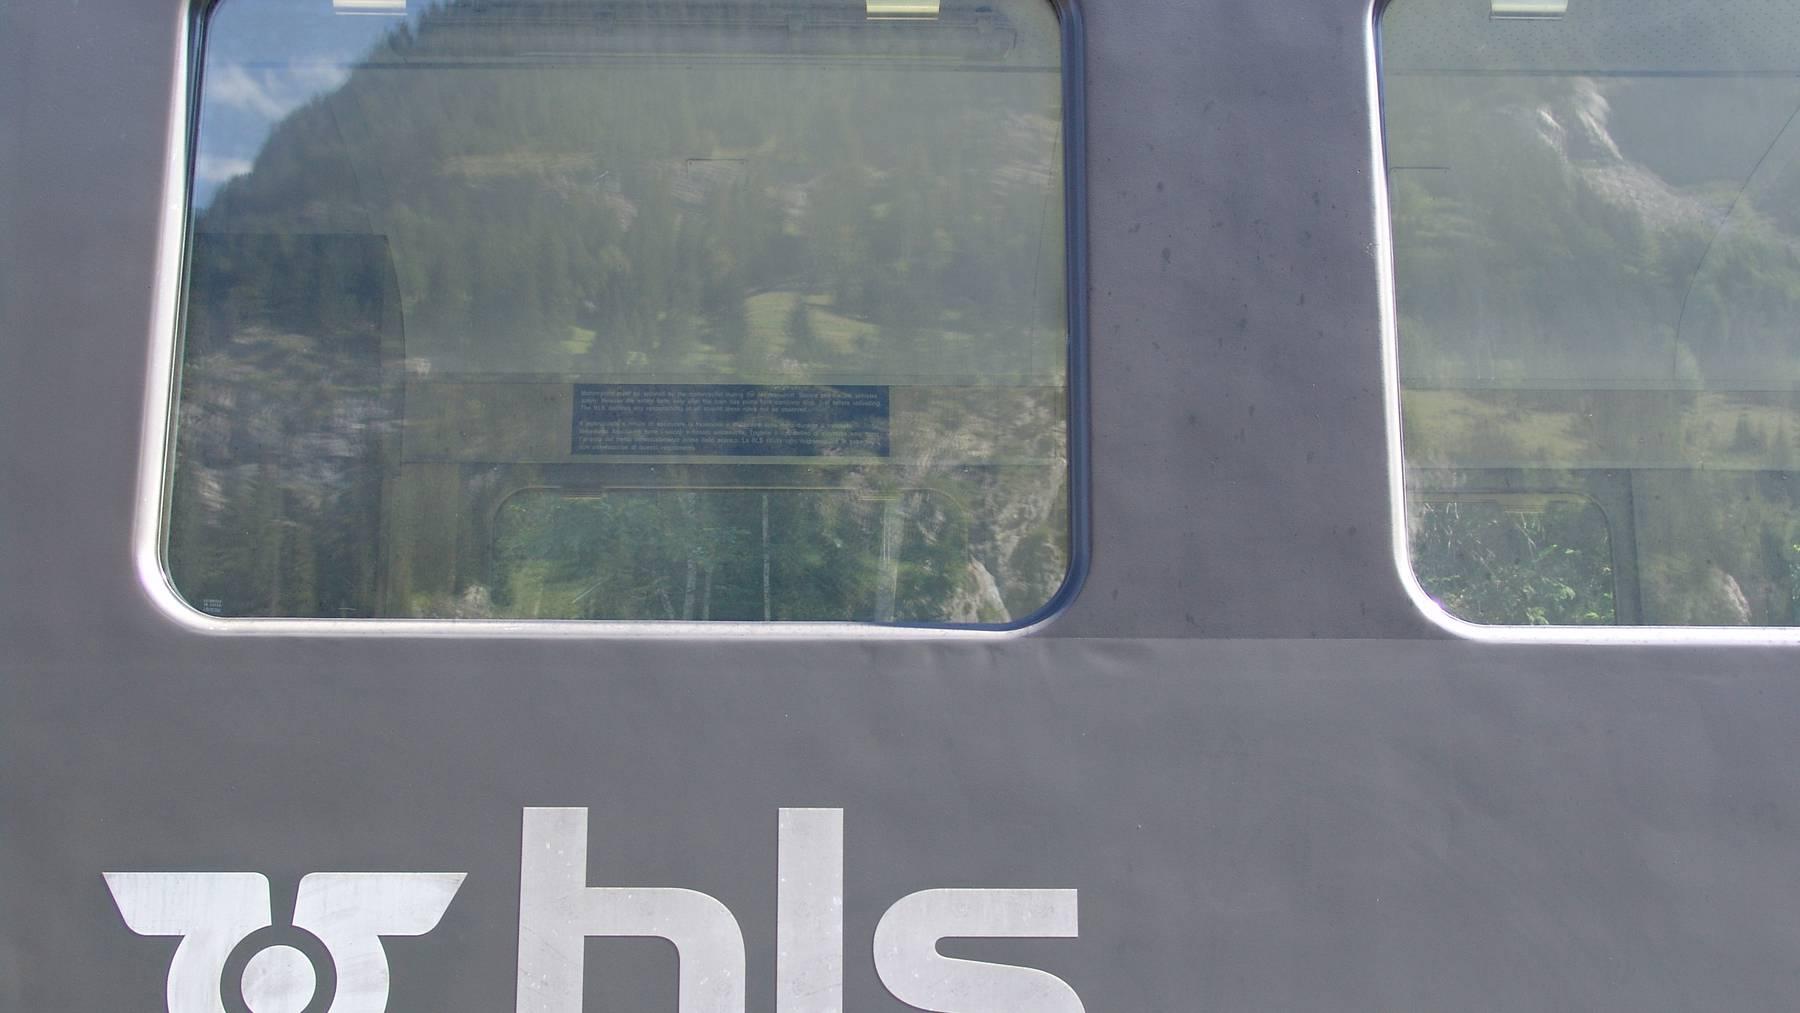 Zug prallt in Lawinenkegel und entgleist